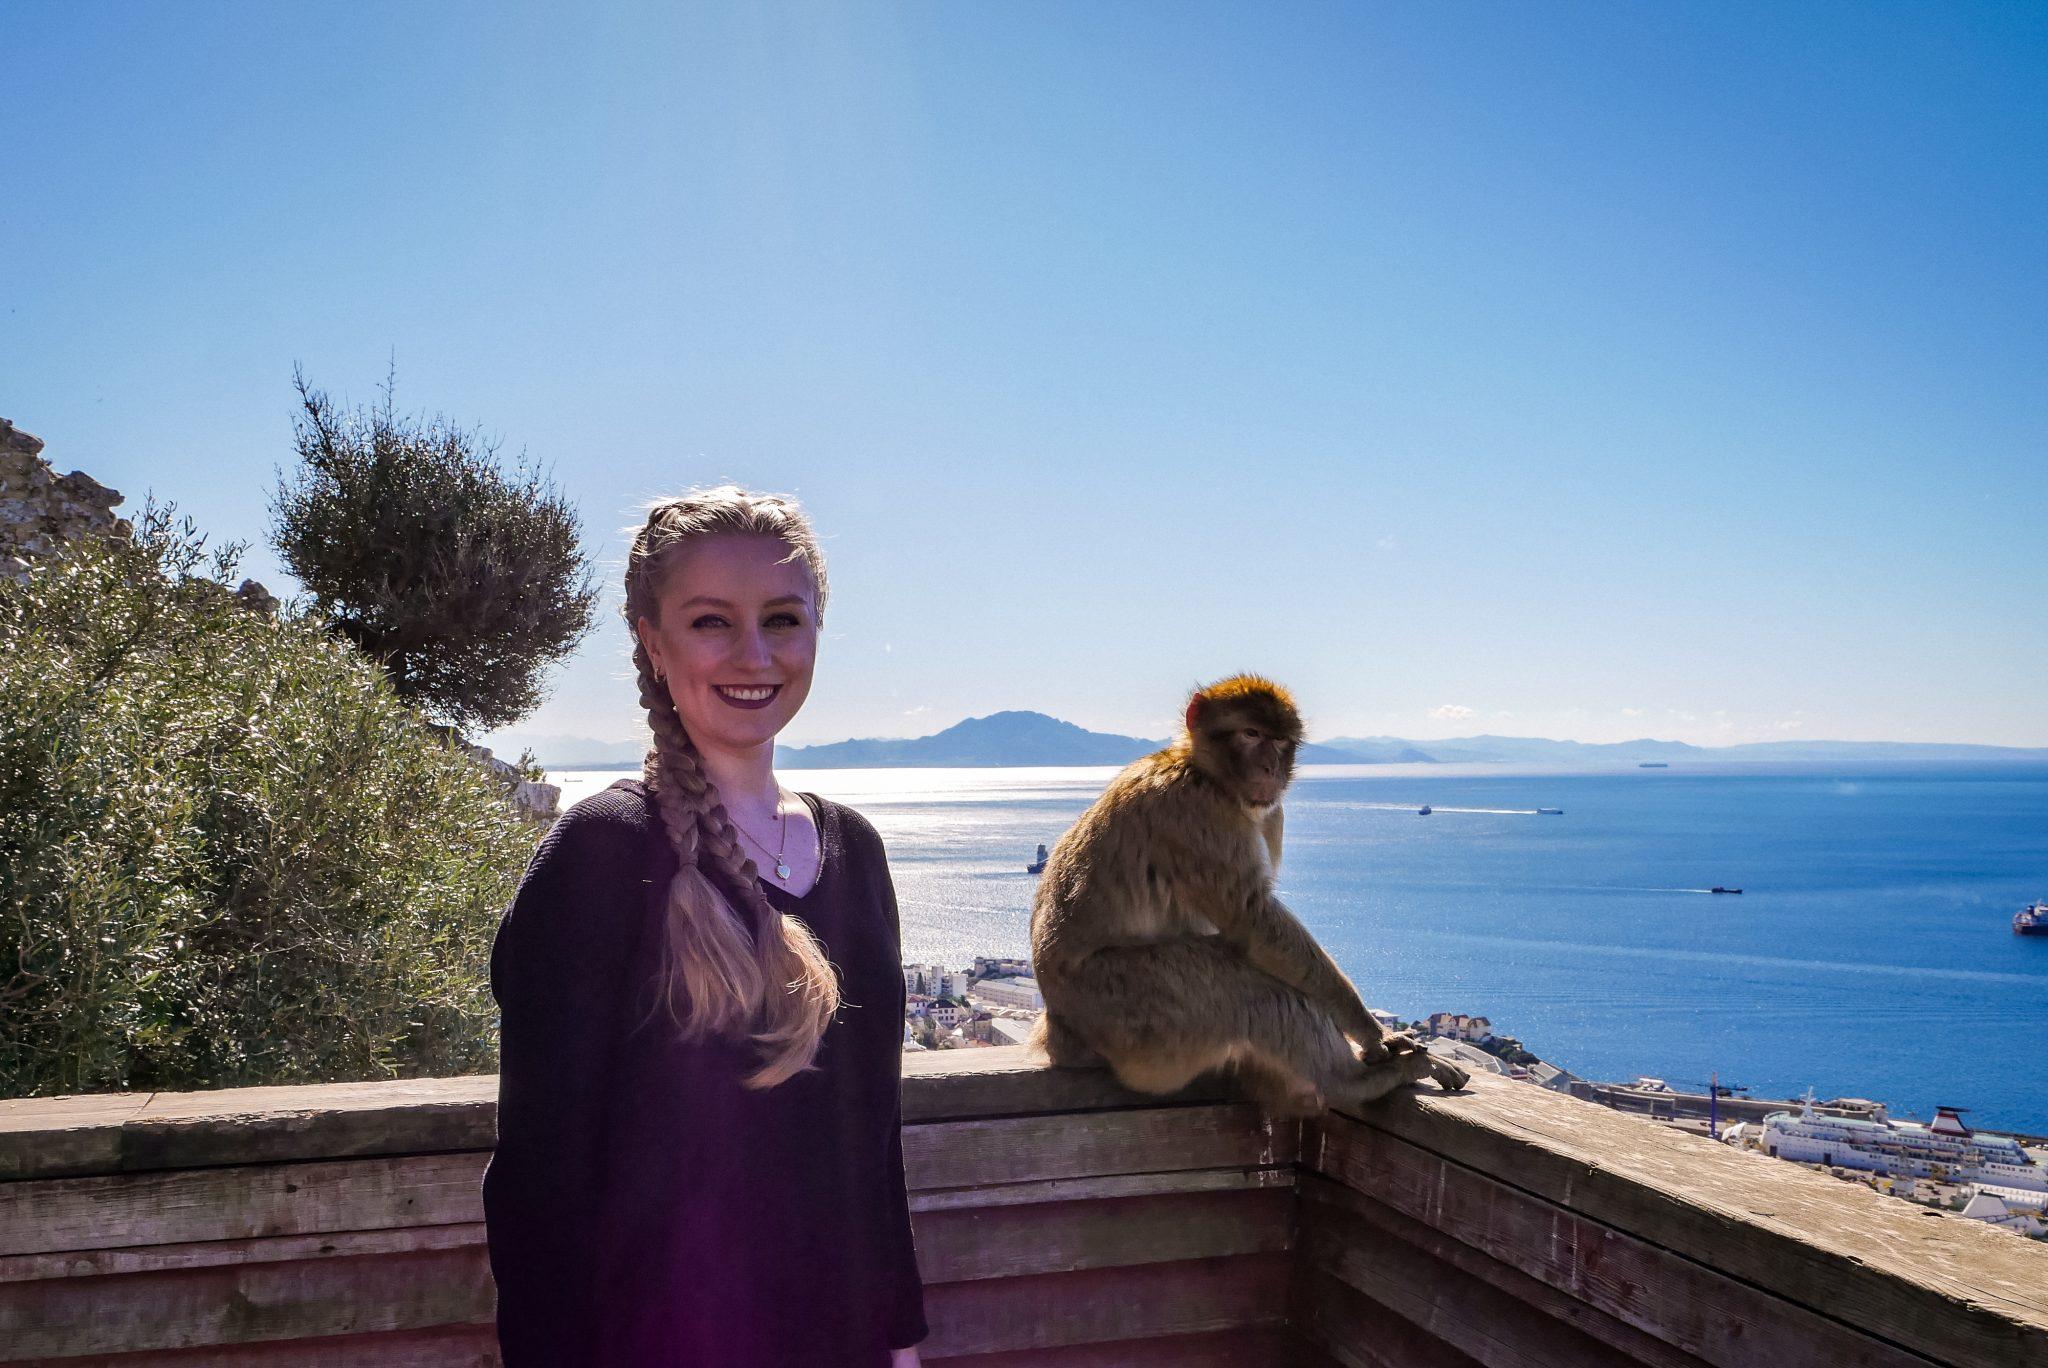 Nicht nur die Affen sind dort spektakulär, sondern ebenfalls der Blick auf Nordafrika!